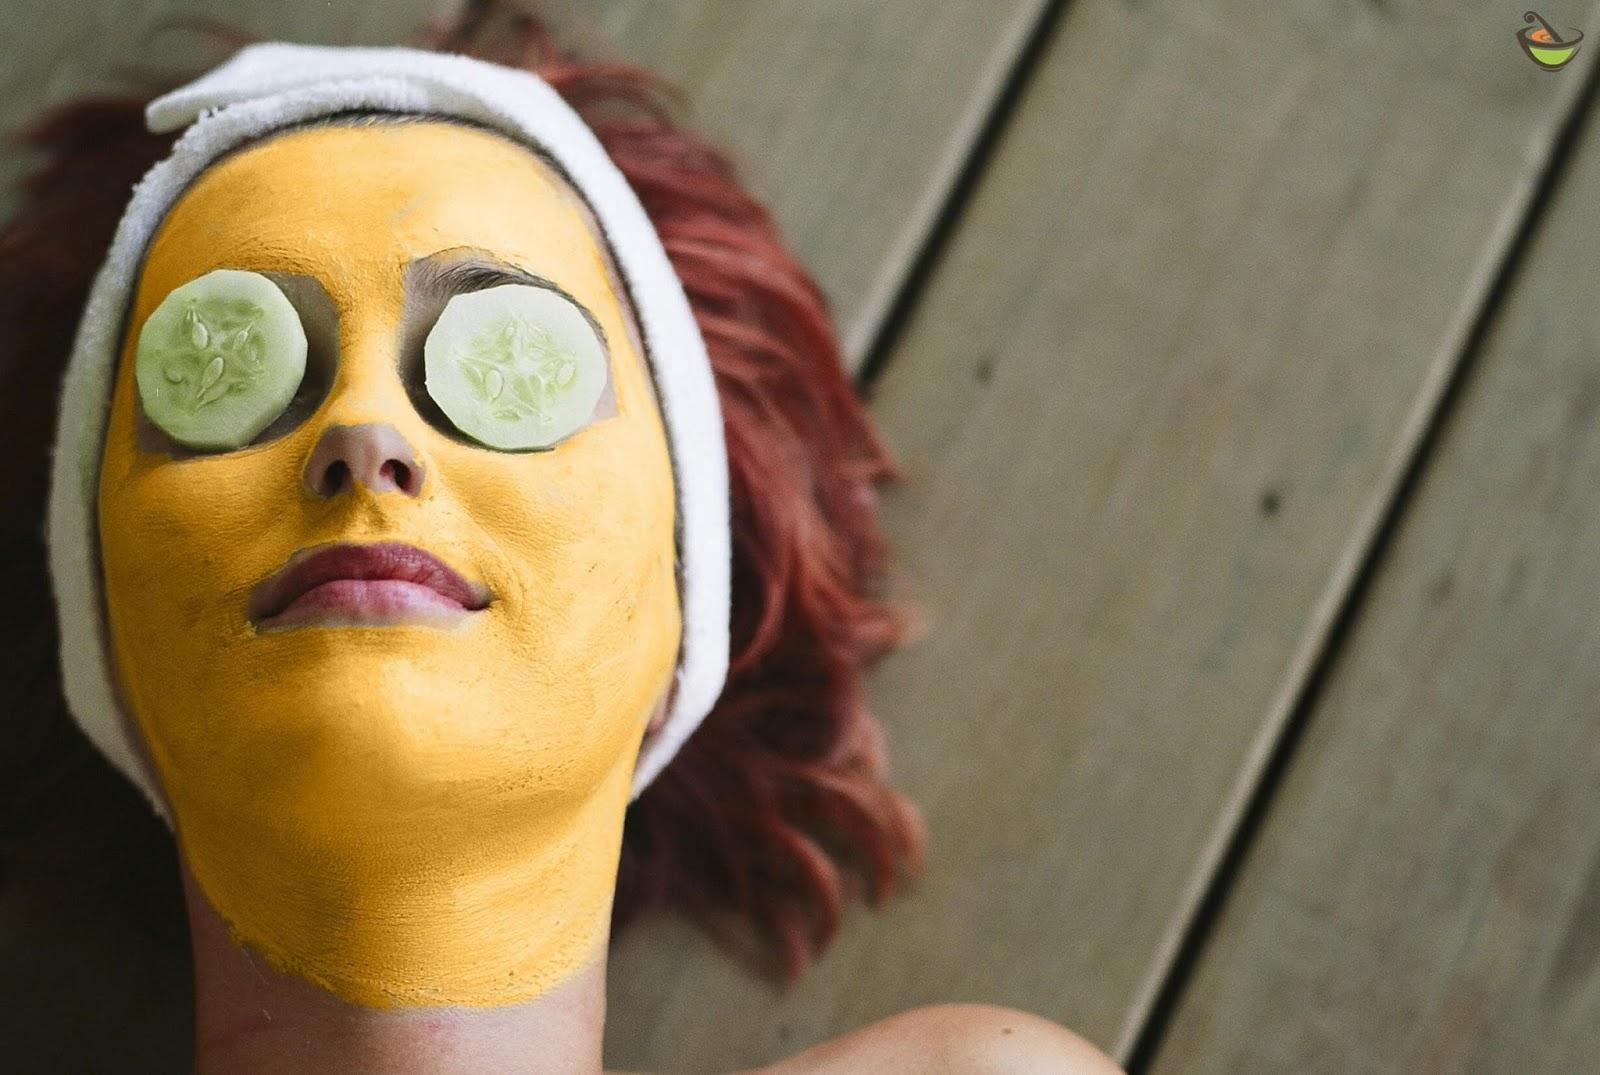 صورة اضرار الكركم على الوجه , هل يوجد مخاطر من وضع كركم على البشرة